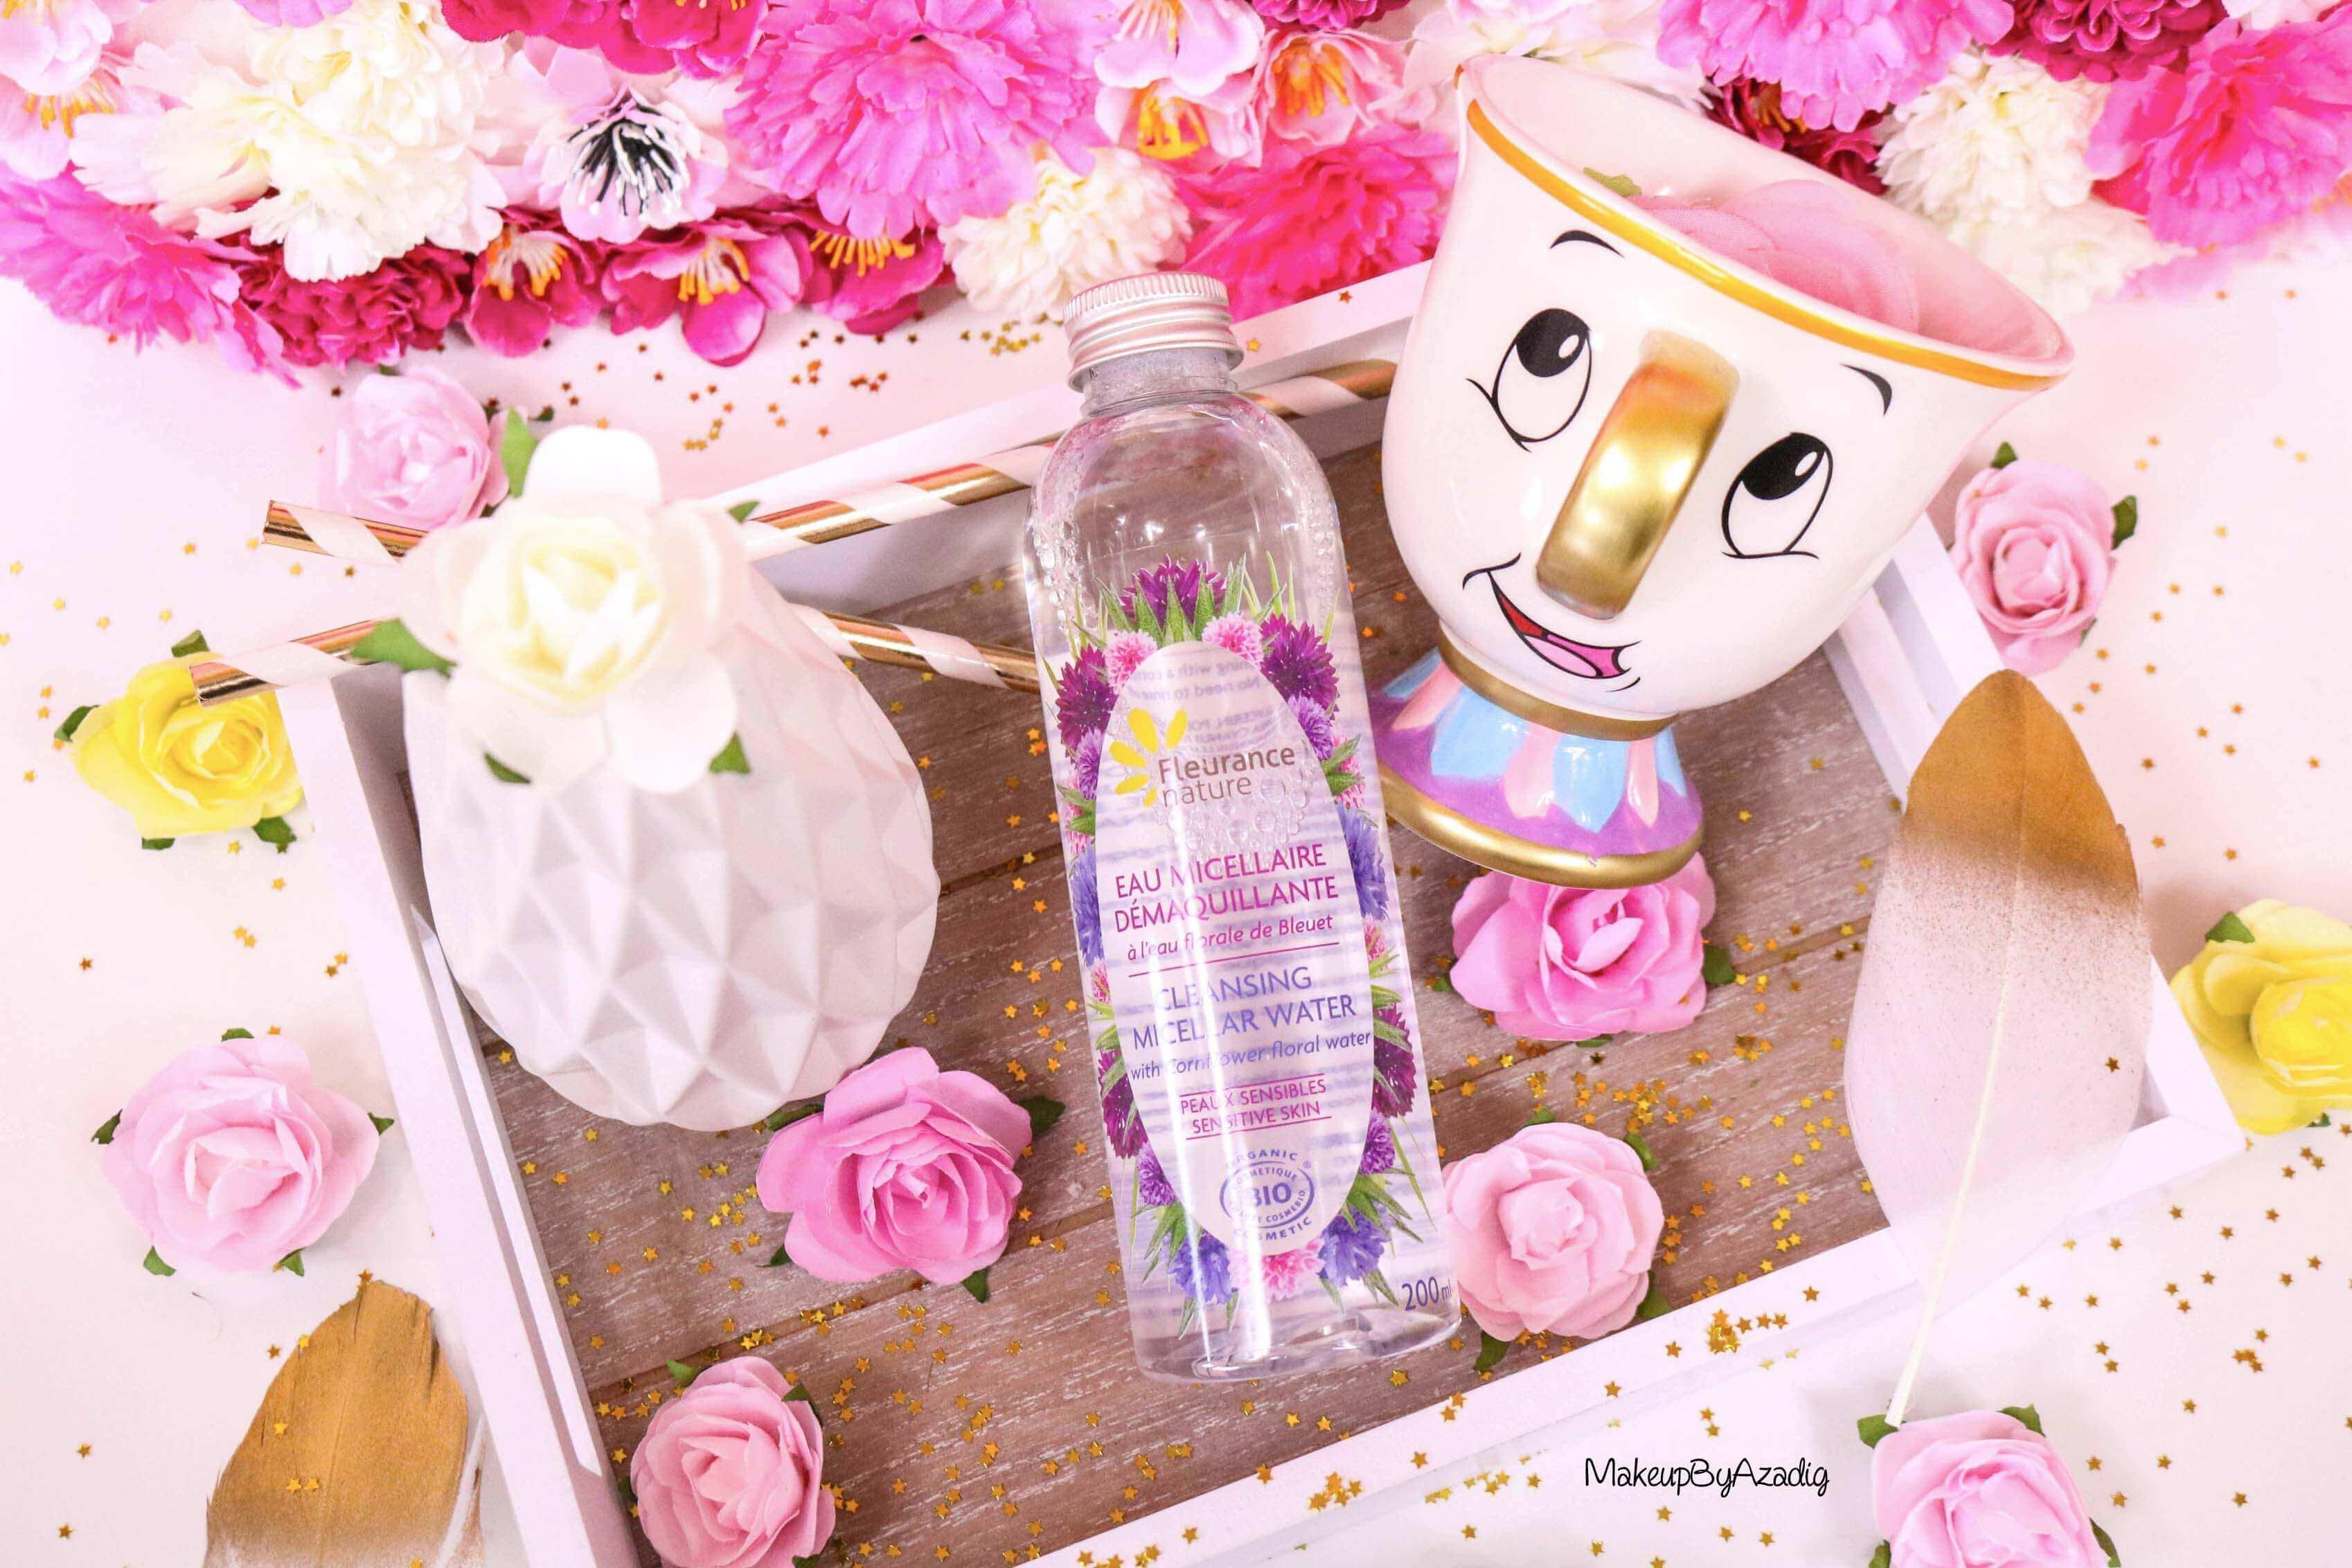 revue-eau-micellaire-peau-sensible-cosmetique-bio-fleurance-nature-makeupbyazadig-florale-bleuet-prix-avis-zip